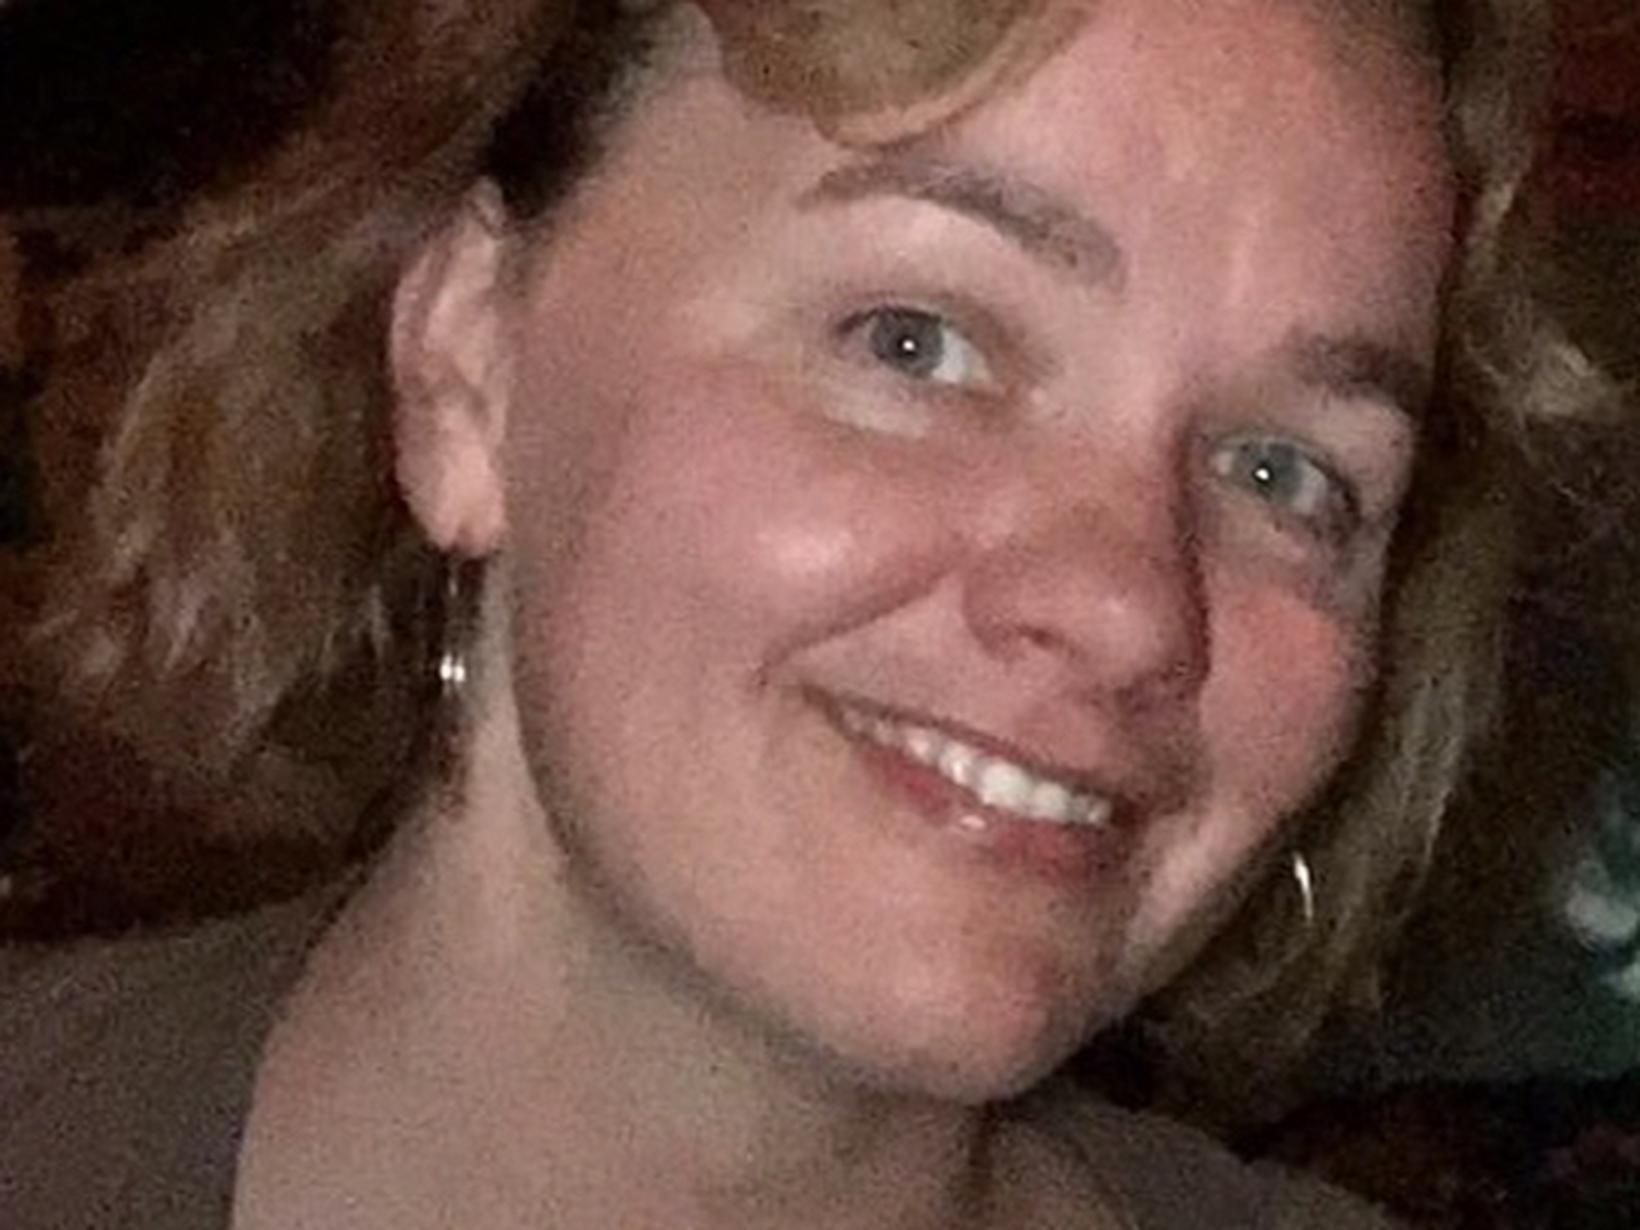 Yvonne from Groningen, Netherlands